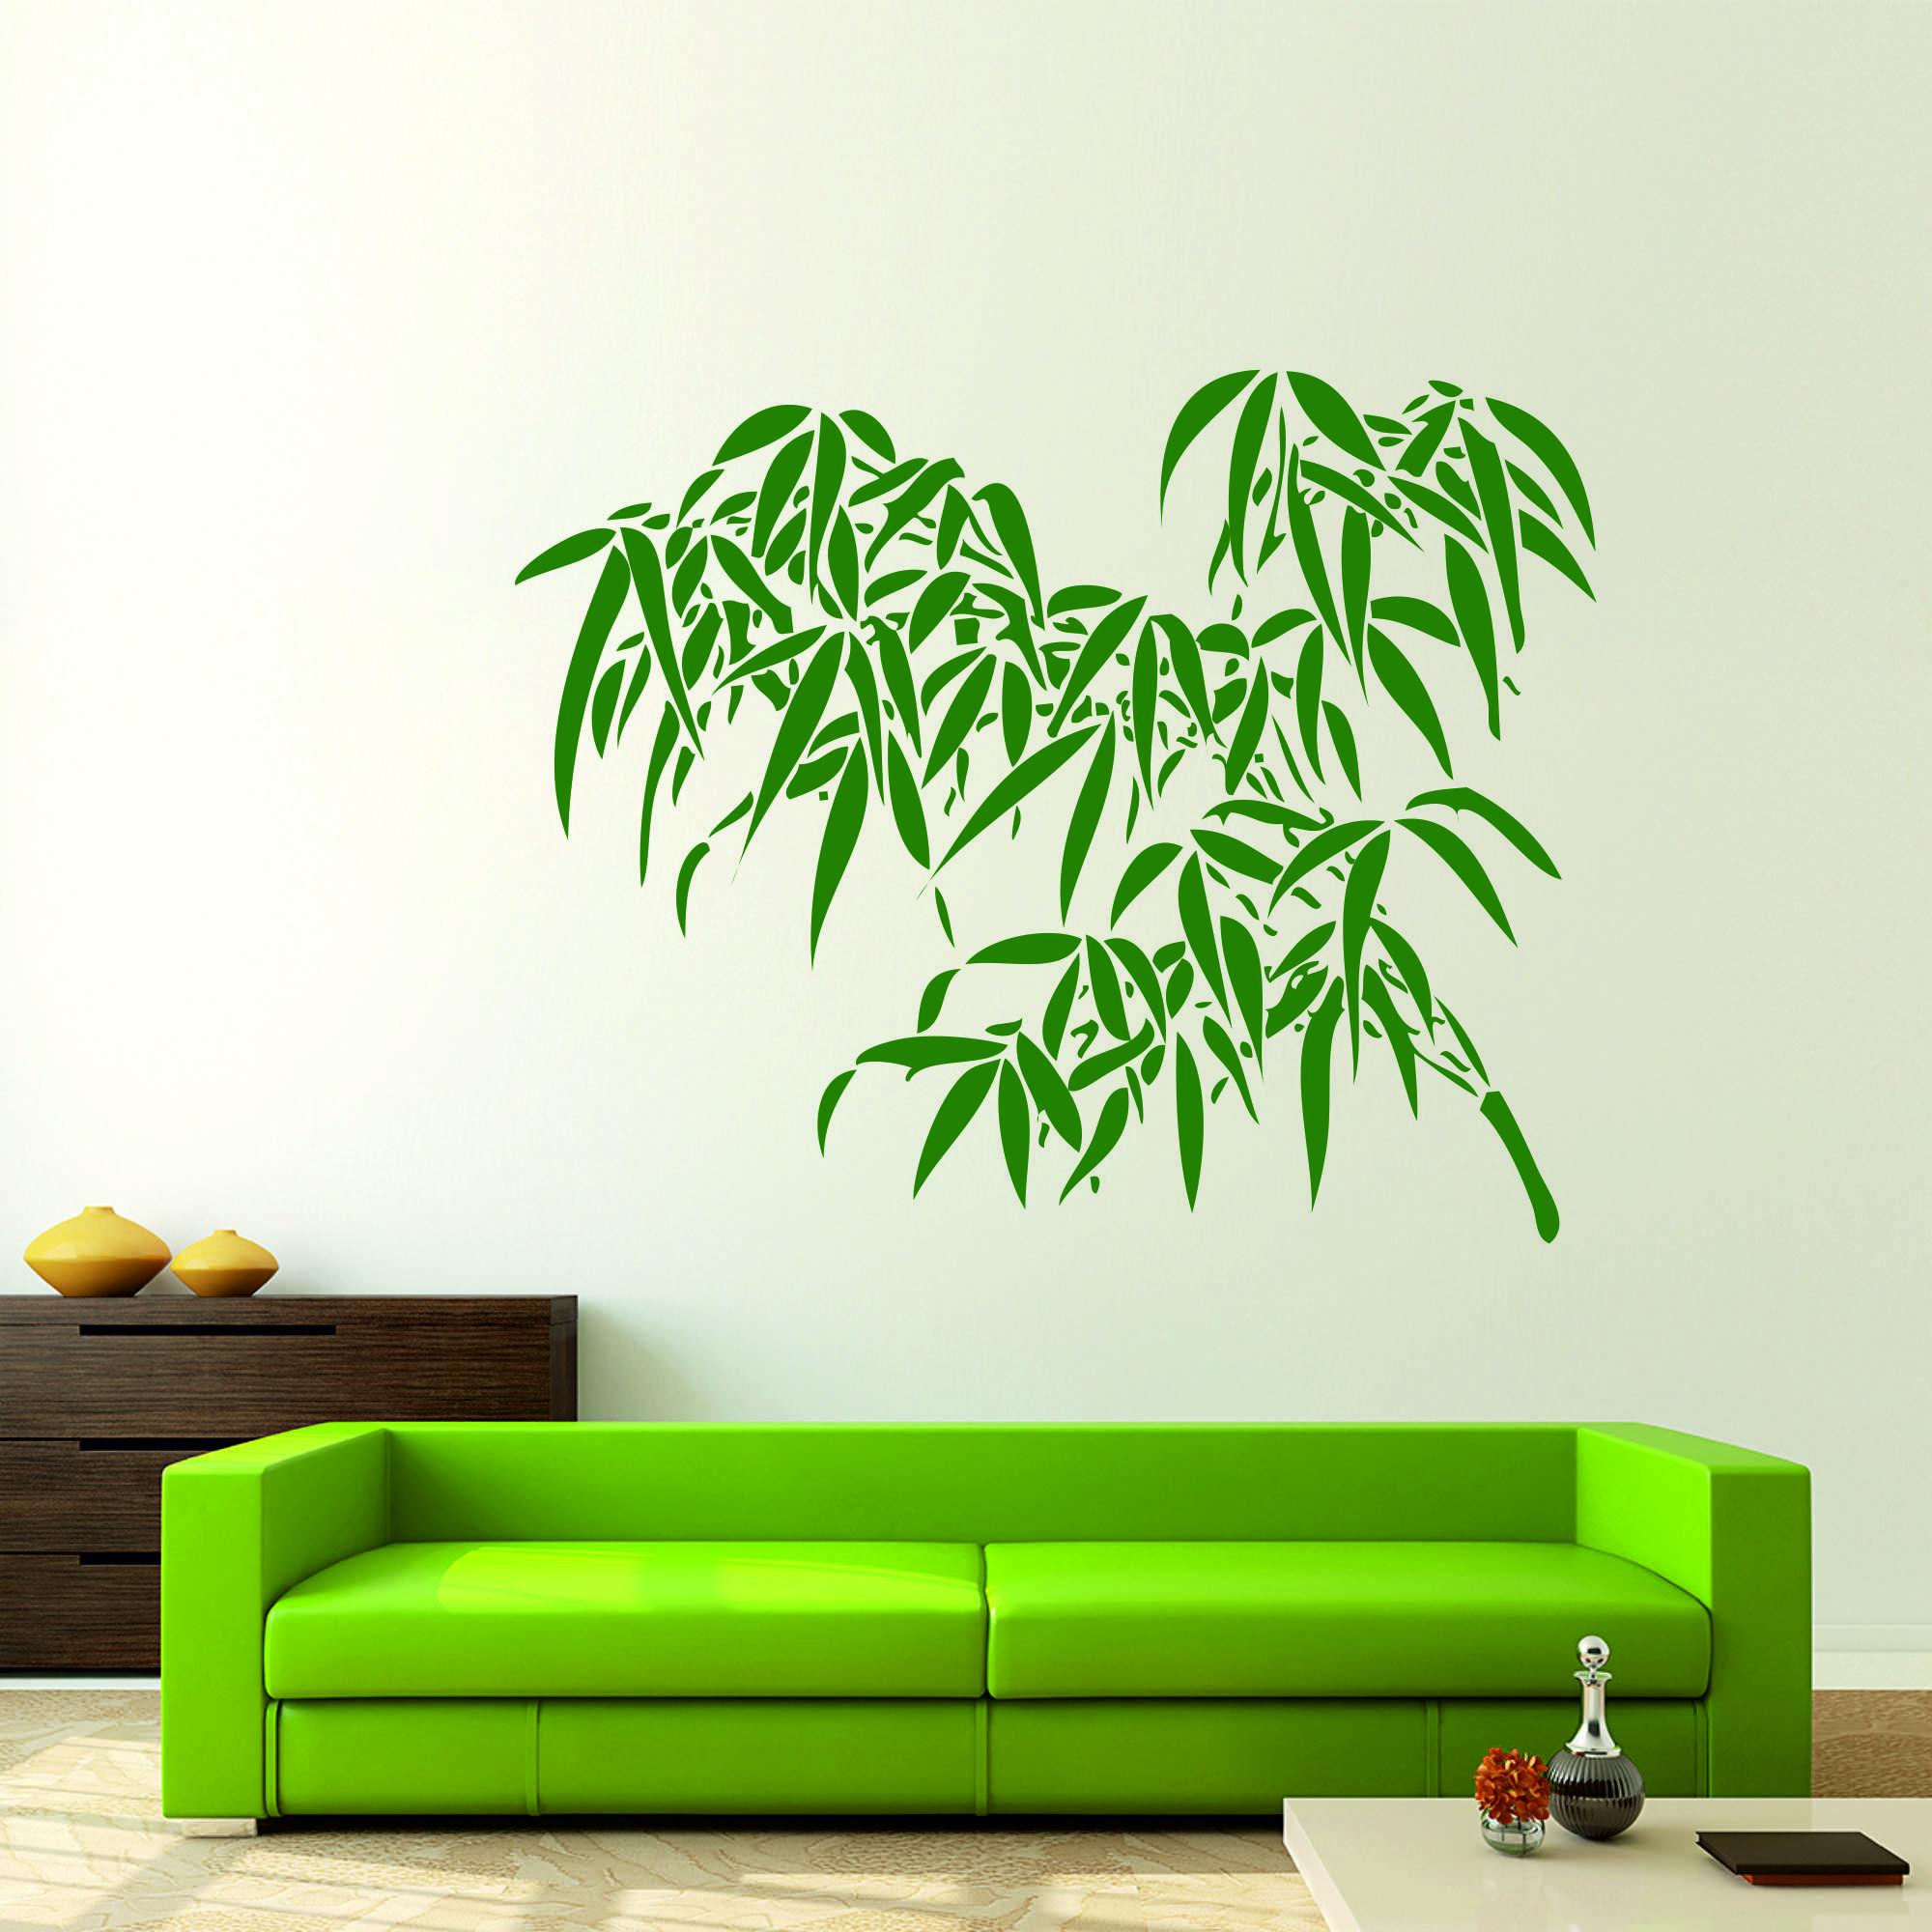 Samolepka na zeď - Bambusová větvička - 60x48 cm - PopyDesign